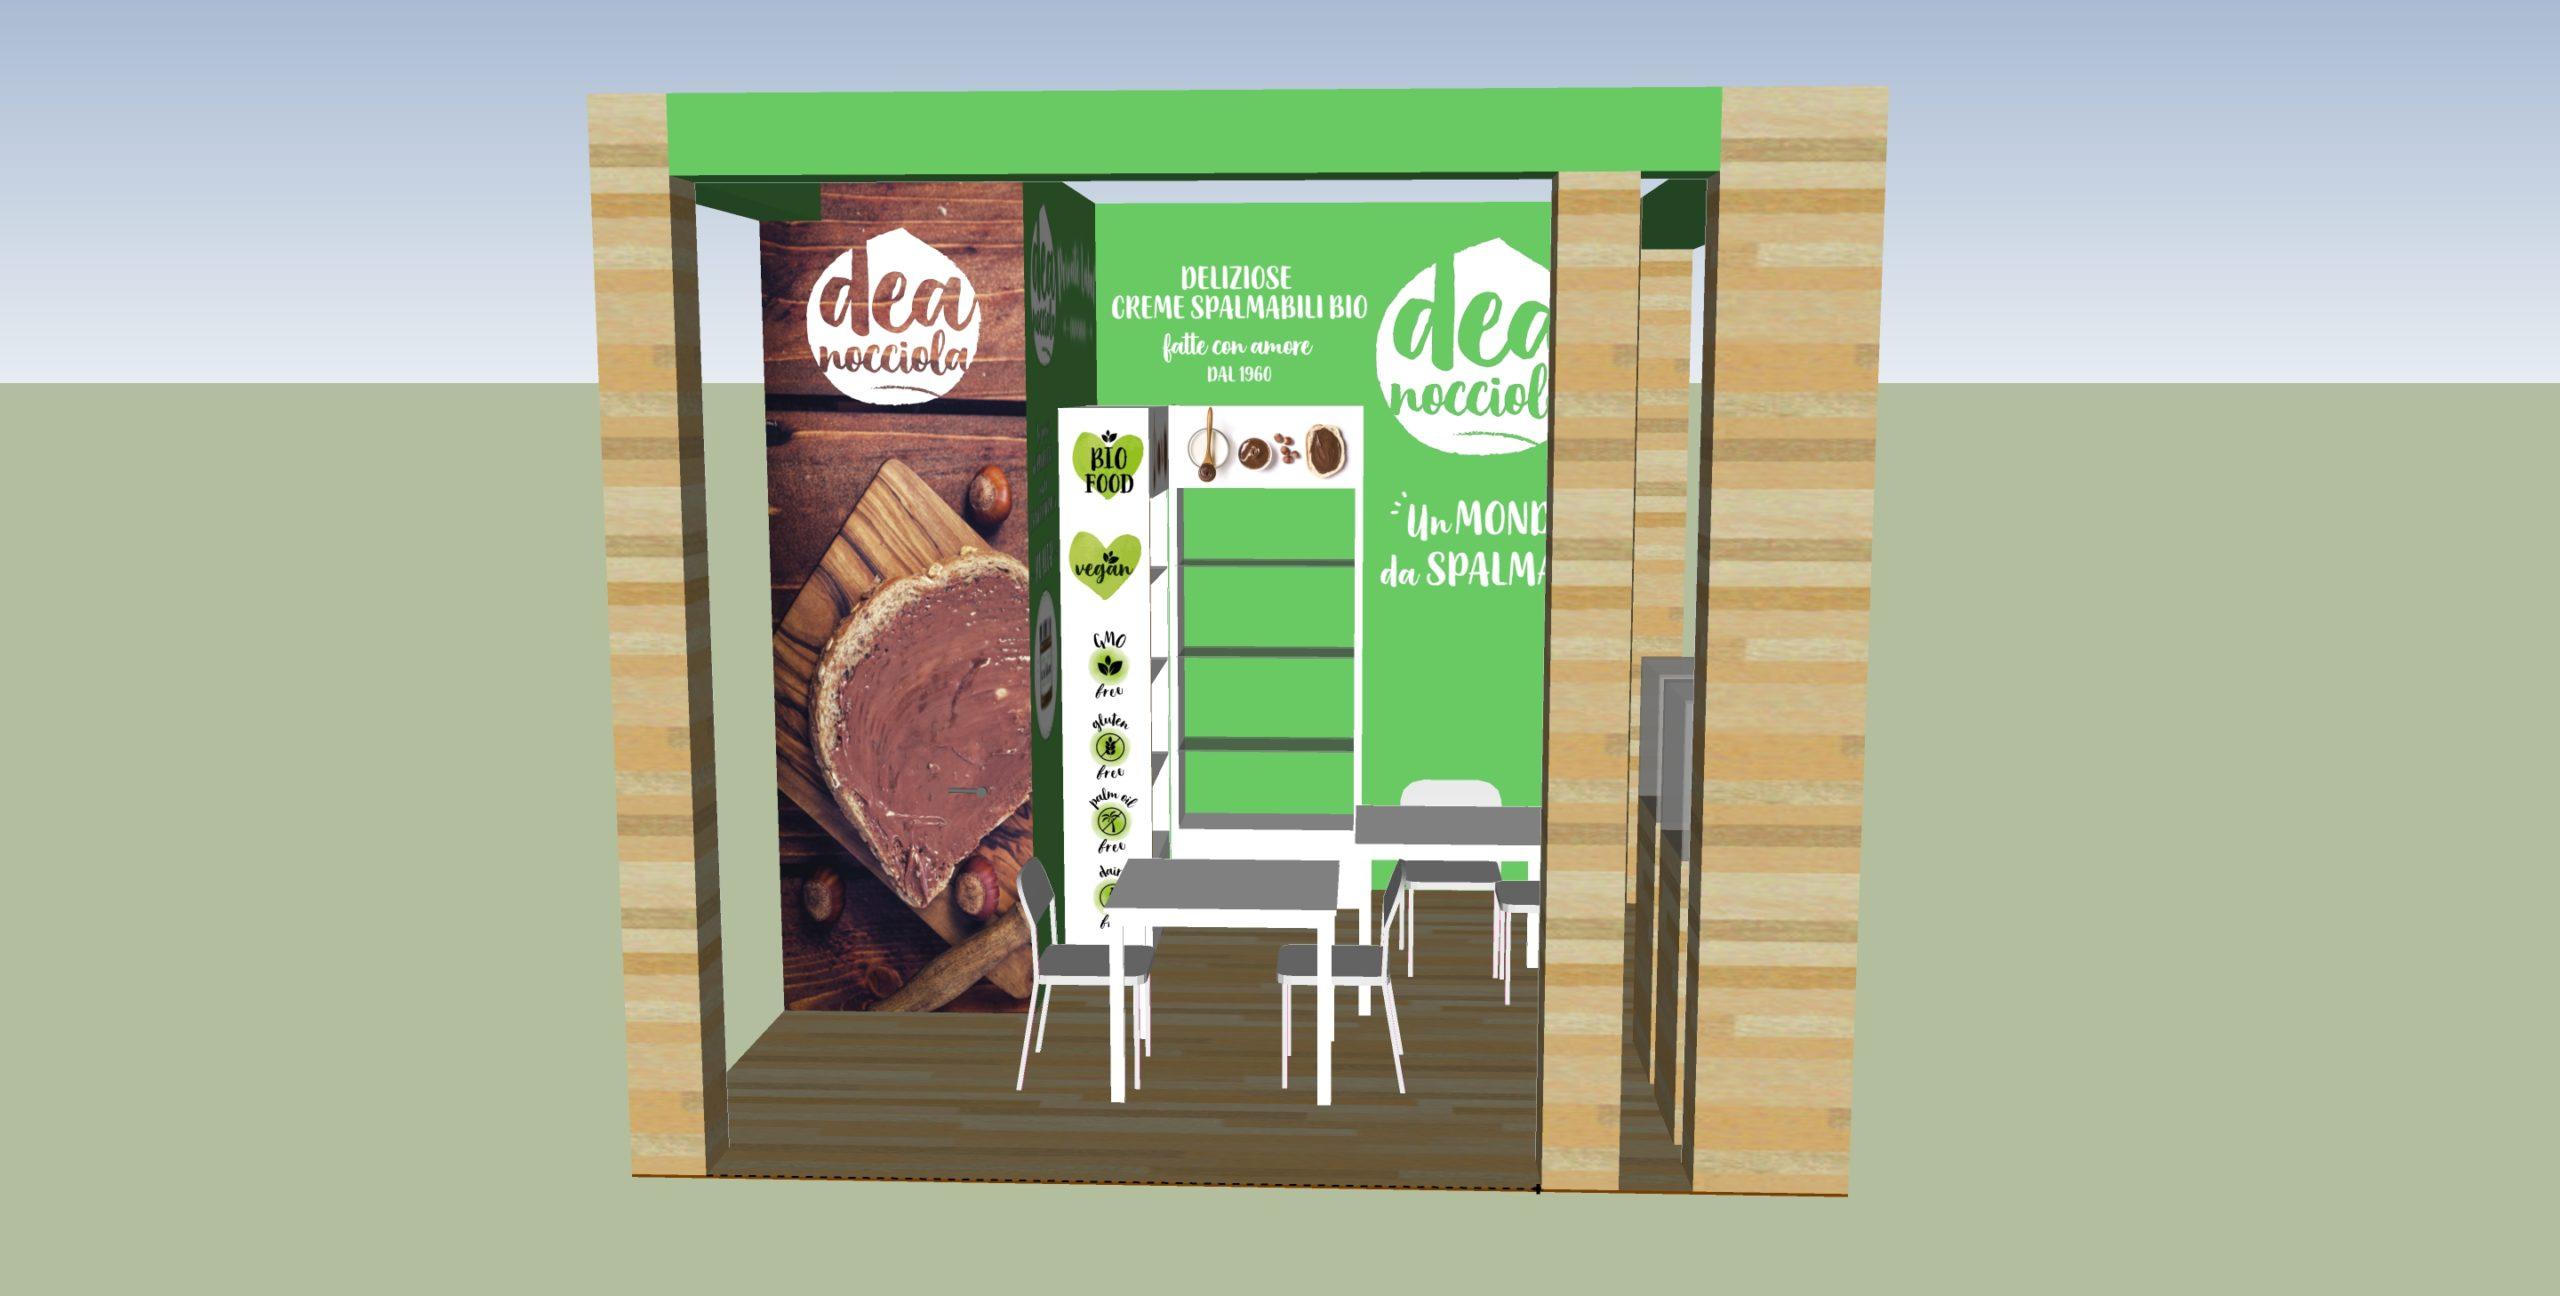 Marca exhibition deanocciola